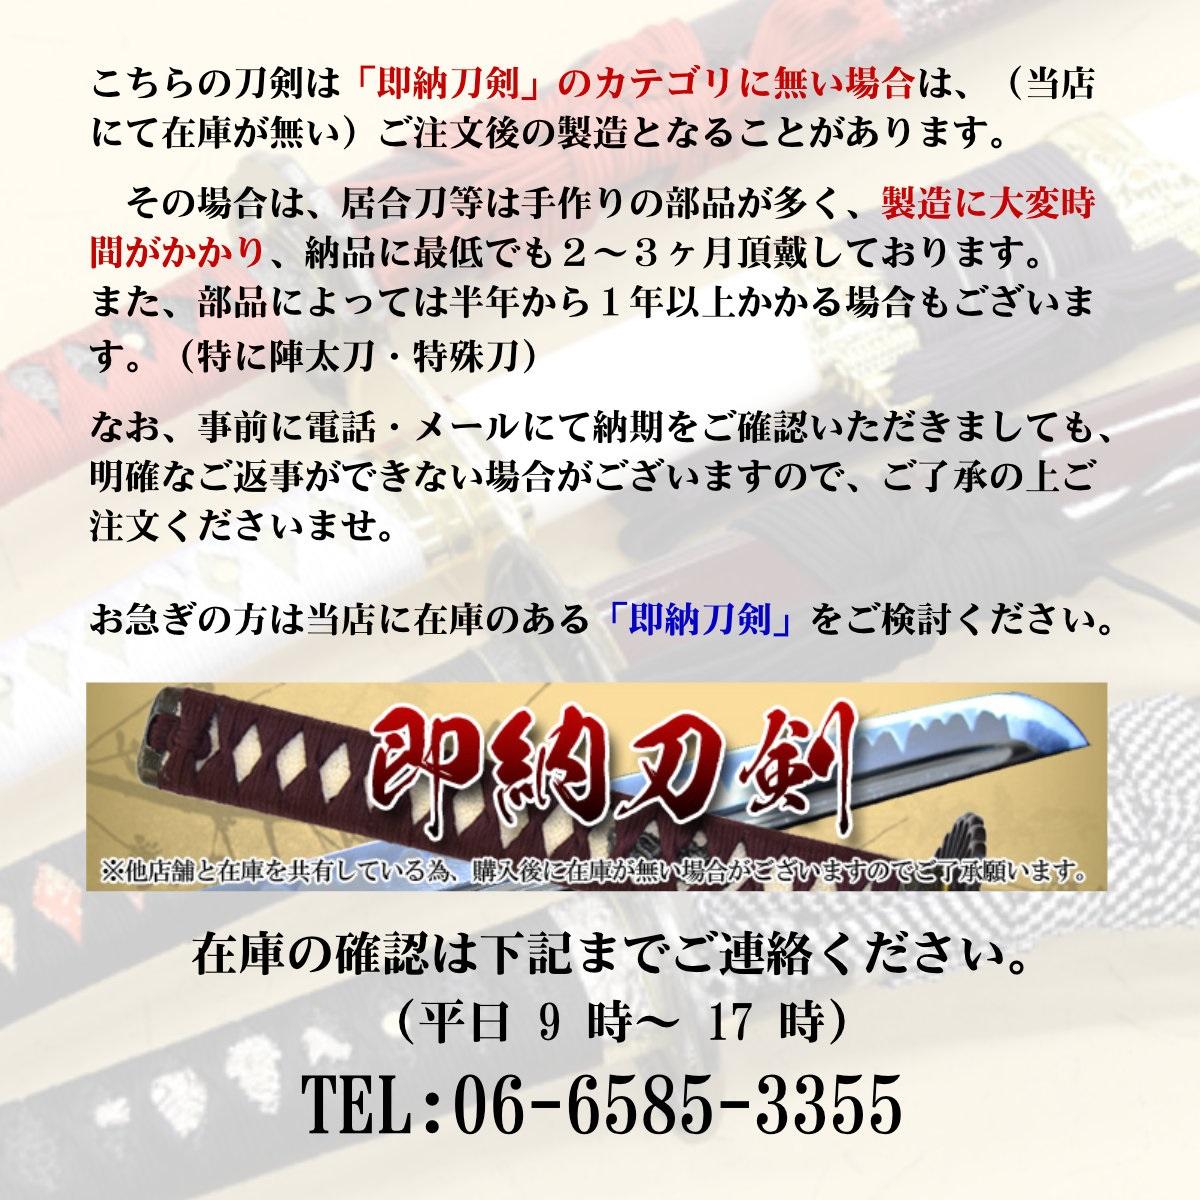 高級居合刀 新撰組副長 土方歳三 勝虫拵え 和泉守兼定(刀袋付き)